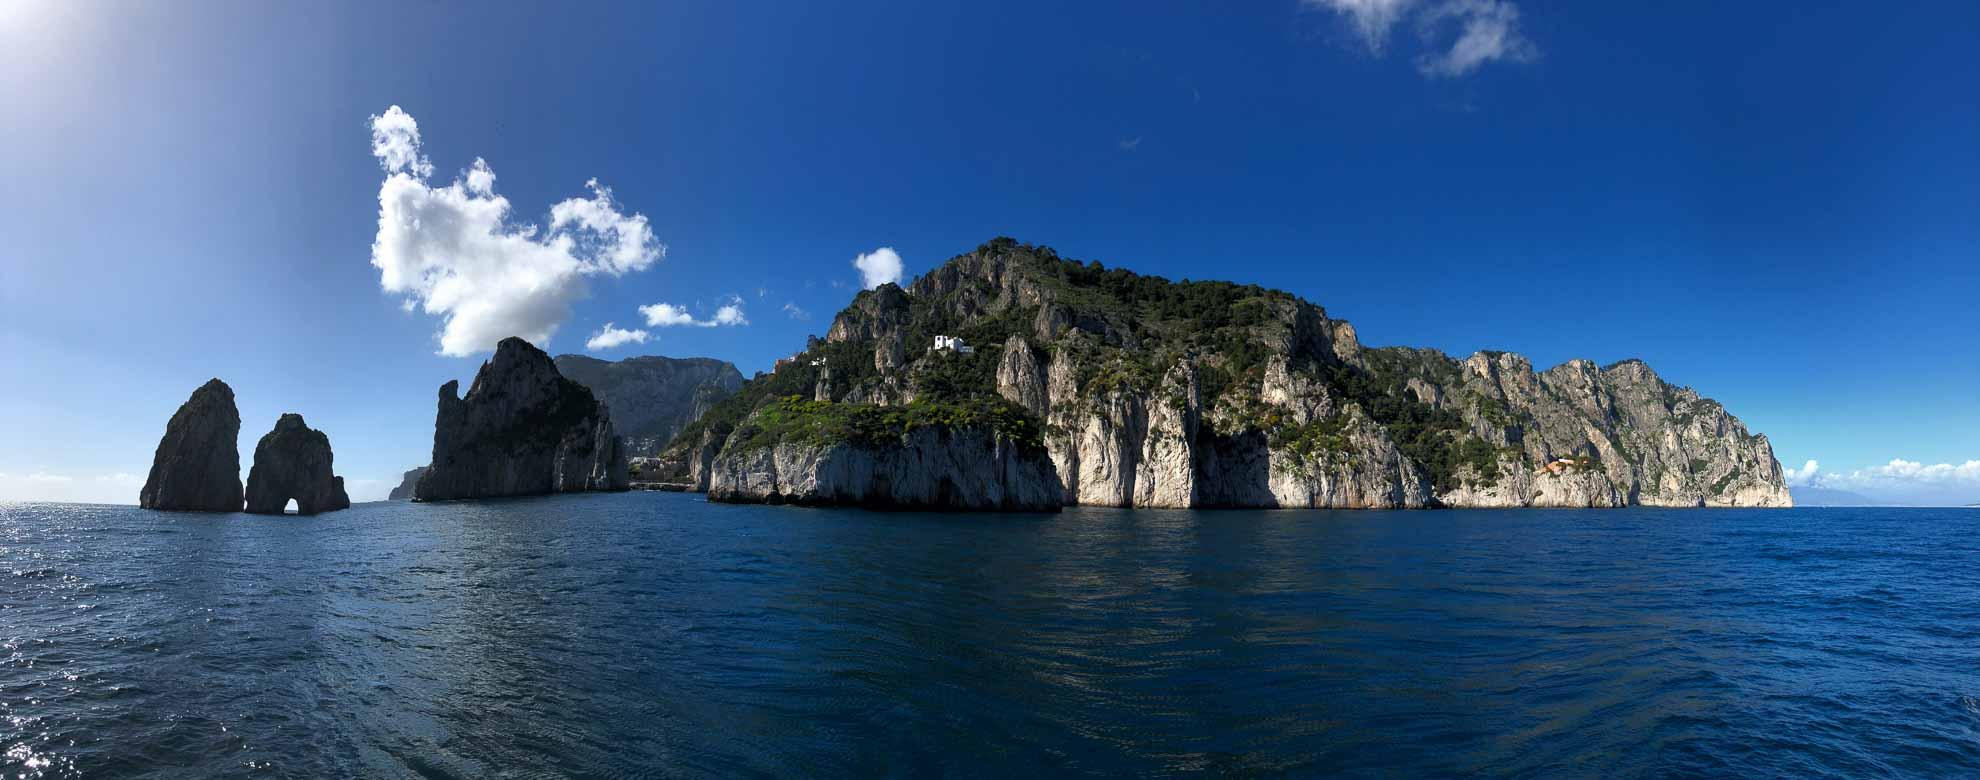 Wir steuern die Faraglioni von Capri an ...